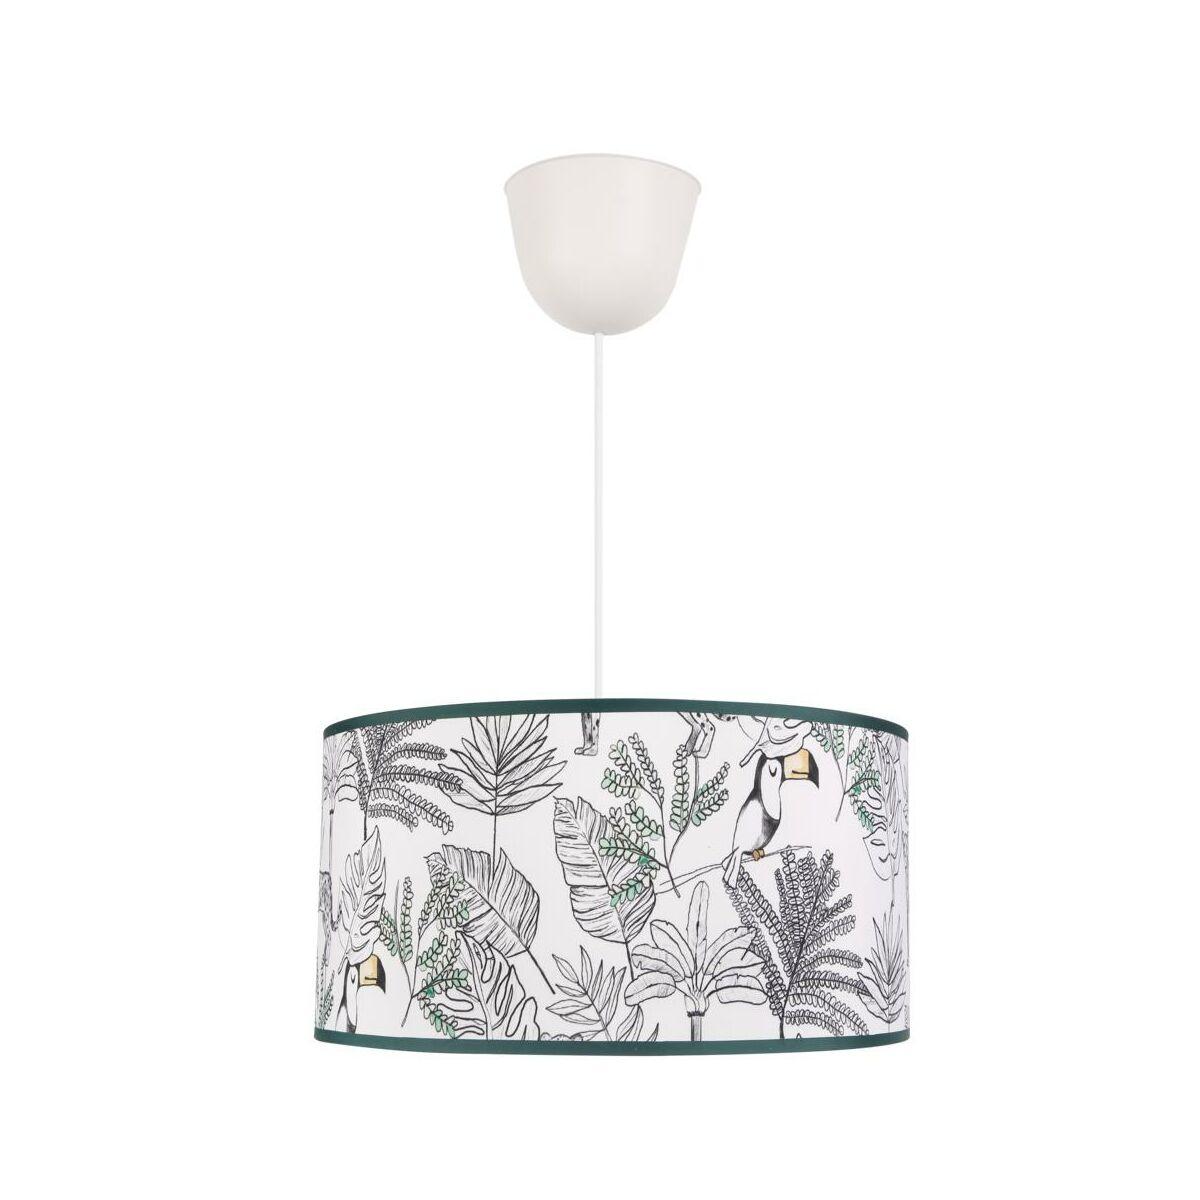 Lampa Wiszaca Tucan Bialo Zielona E27 Inspire Zyrandole Lampy Wiszace I Sufitowe W Atrakcyjnej Cenie W Sklepach Leroy Merlin